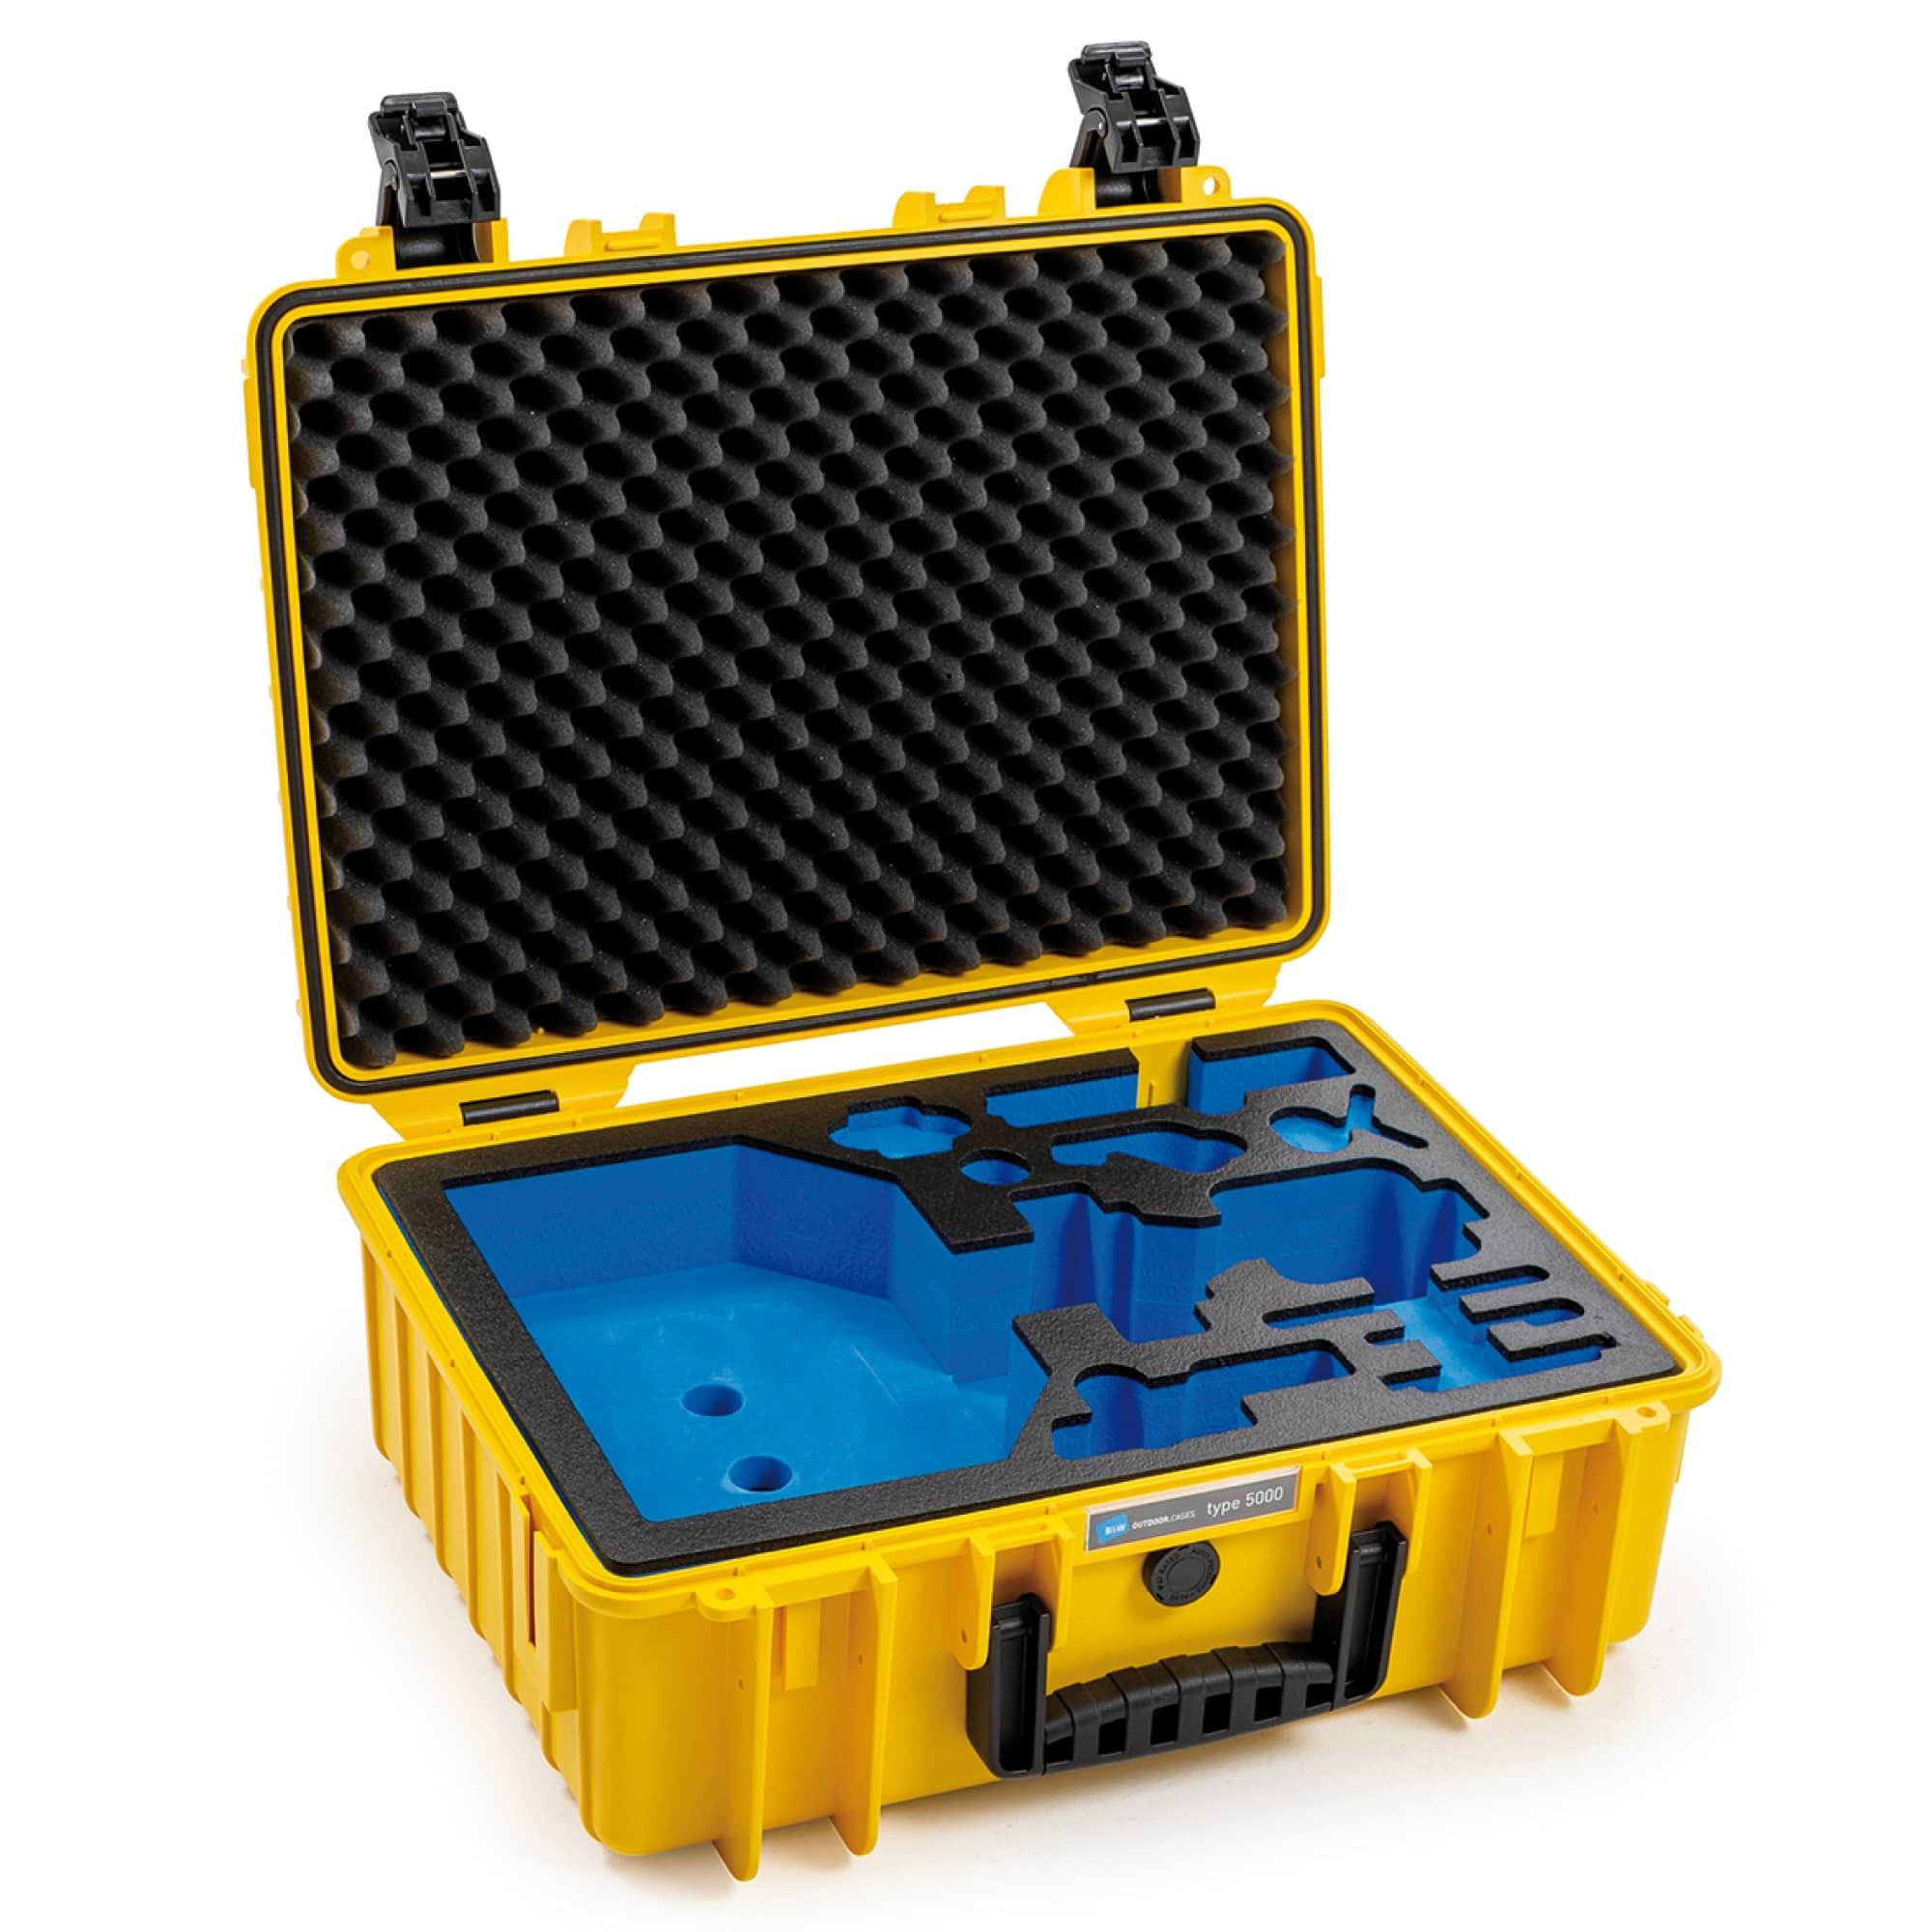 DJI Ronin SC Pro Combo | B&W Outdoor Case Typ 5000